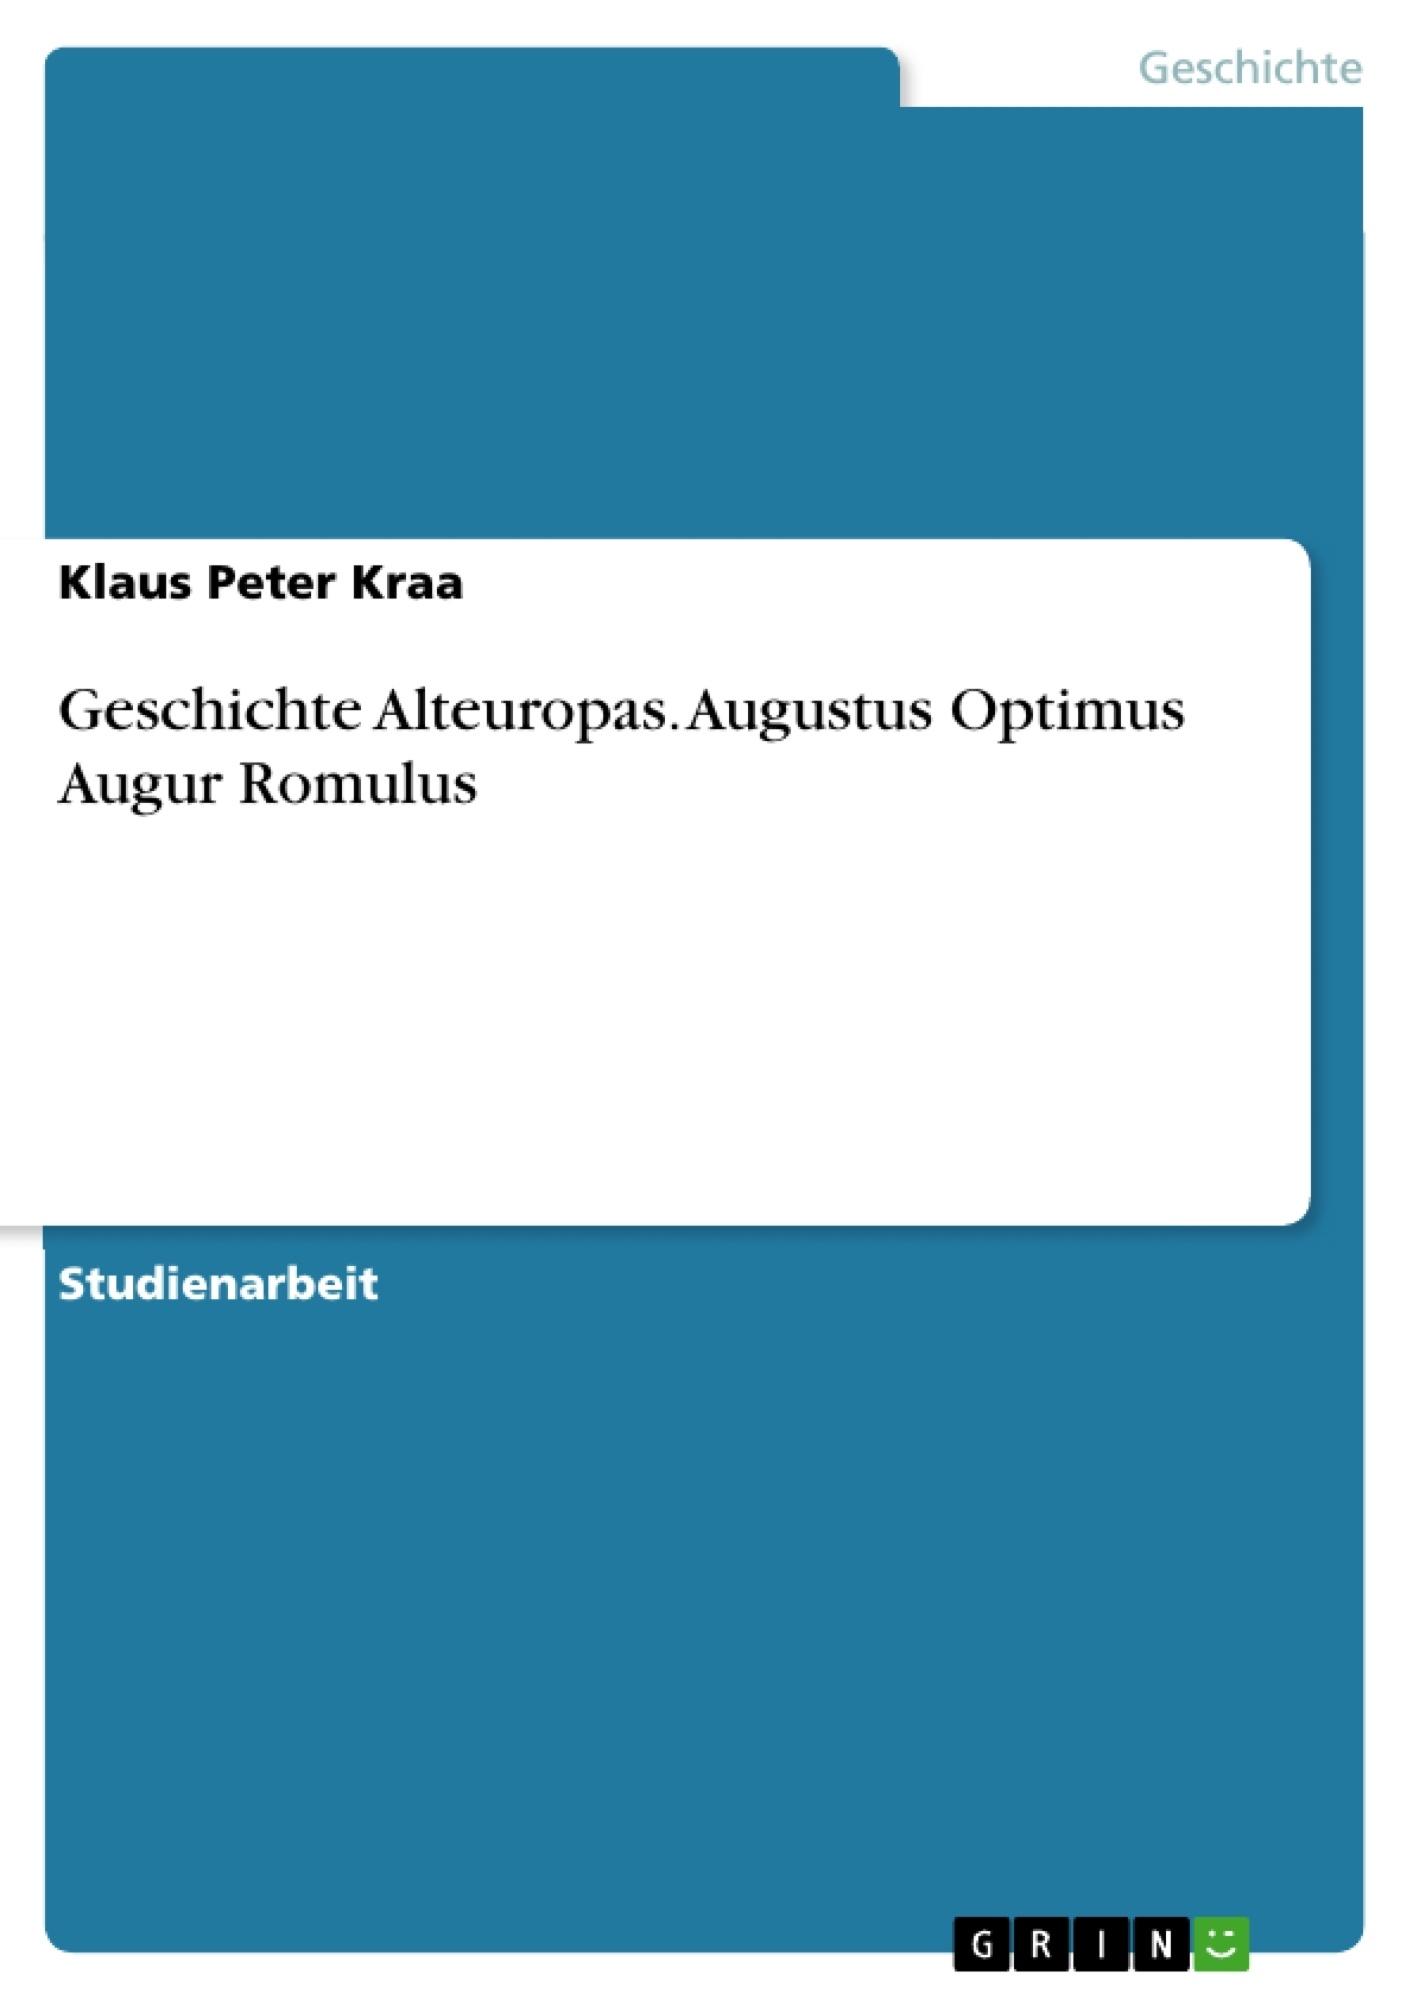 Titel: Geschichte Alteuropas. Augustus Optimus Augur Romulus